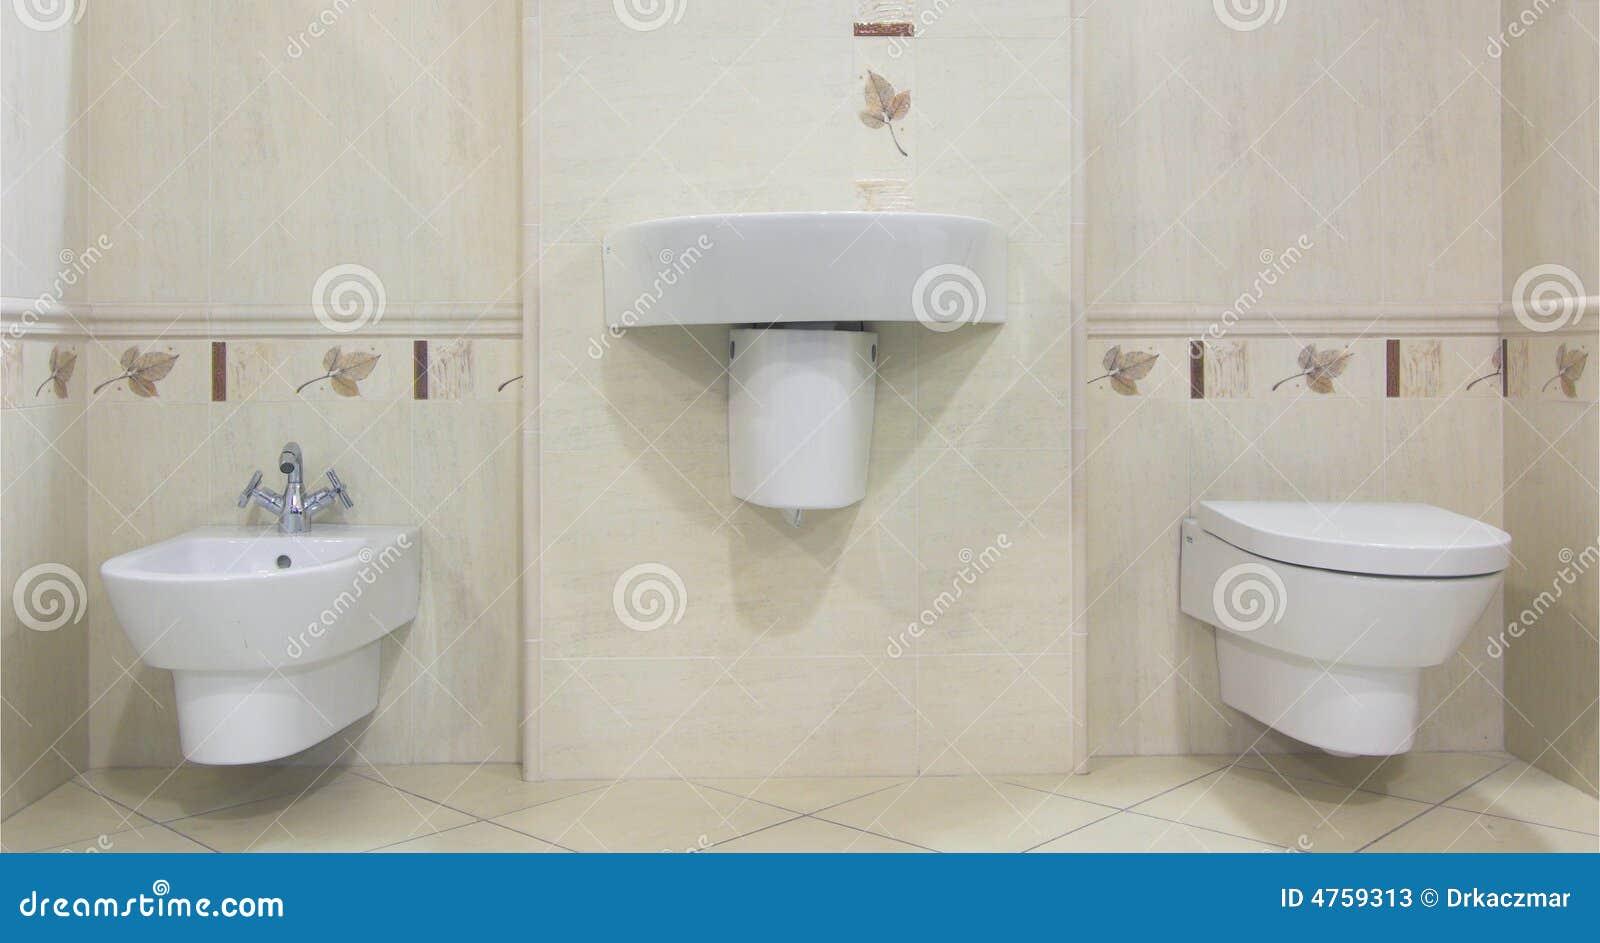 Imagens de #84A922 Banheiro bege moderno com dissipador toilette e bidet. 1300x783 px 3638 Banheiros Simples Na Cor Bege